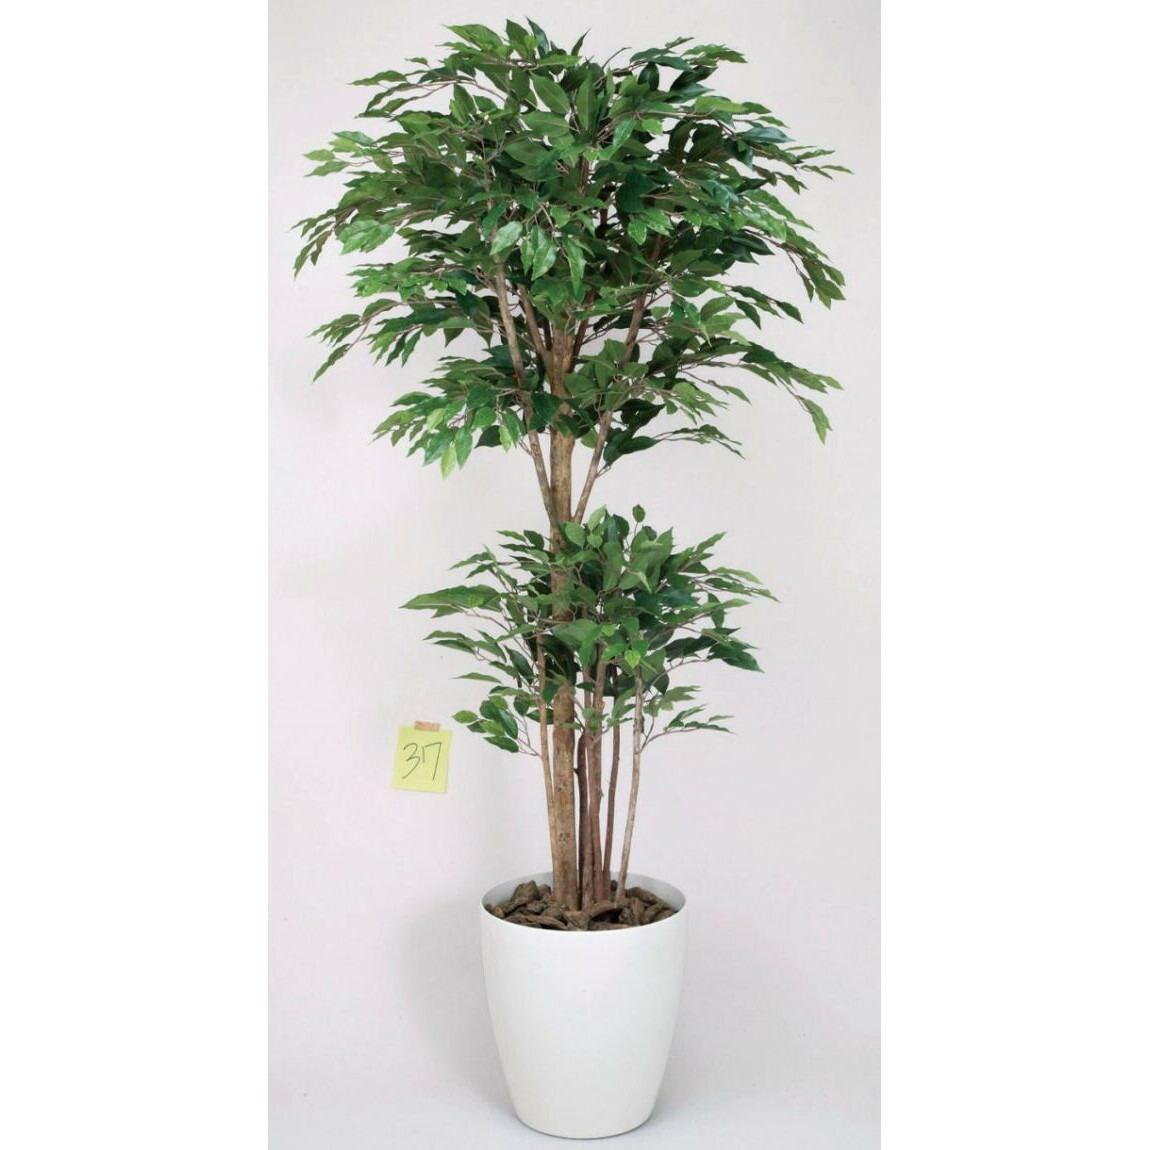 光触媒 光の楽園トロピカルベンジャミン 1.6m【インテリアグリーン 人工観葉植物】